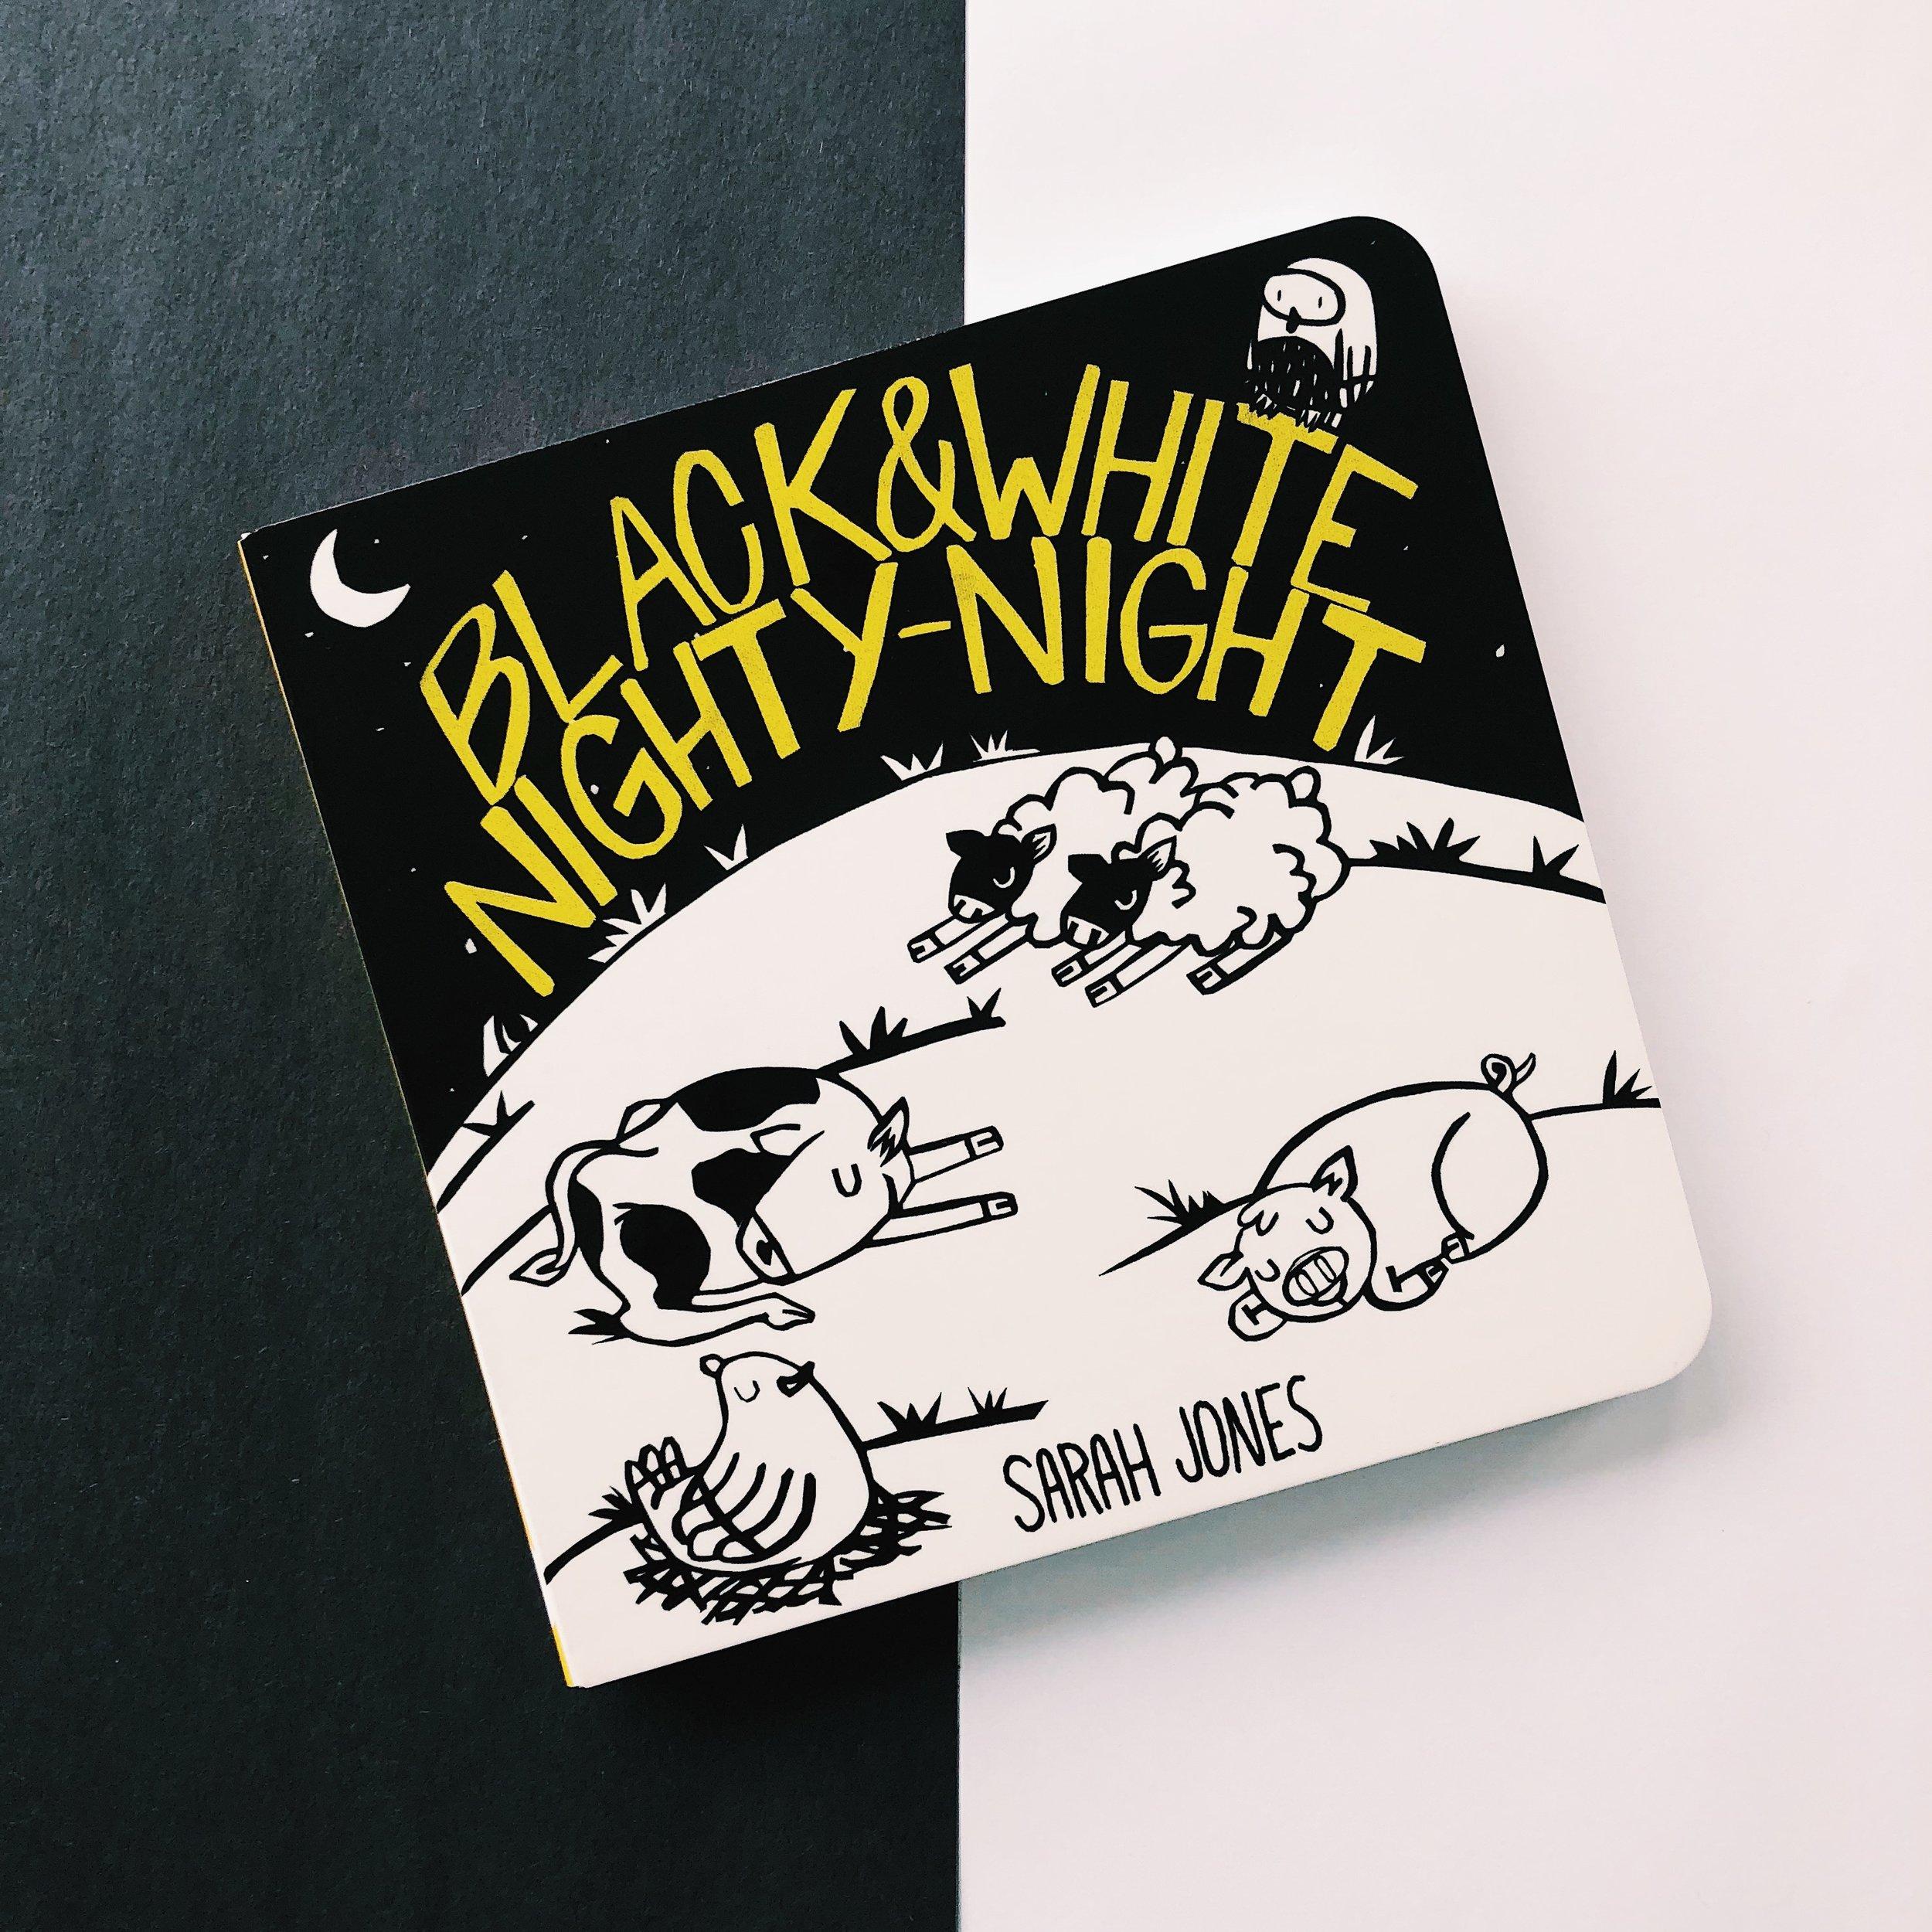 Black & White Nighty-Night     written and illustrated by Sarah Jones